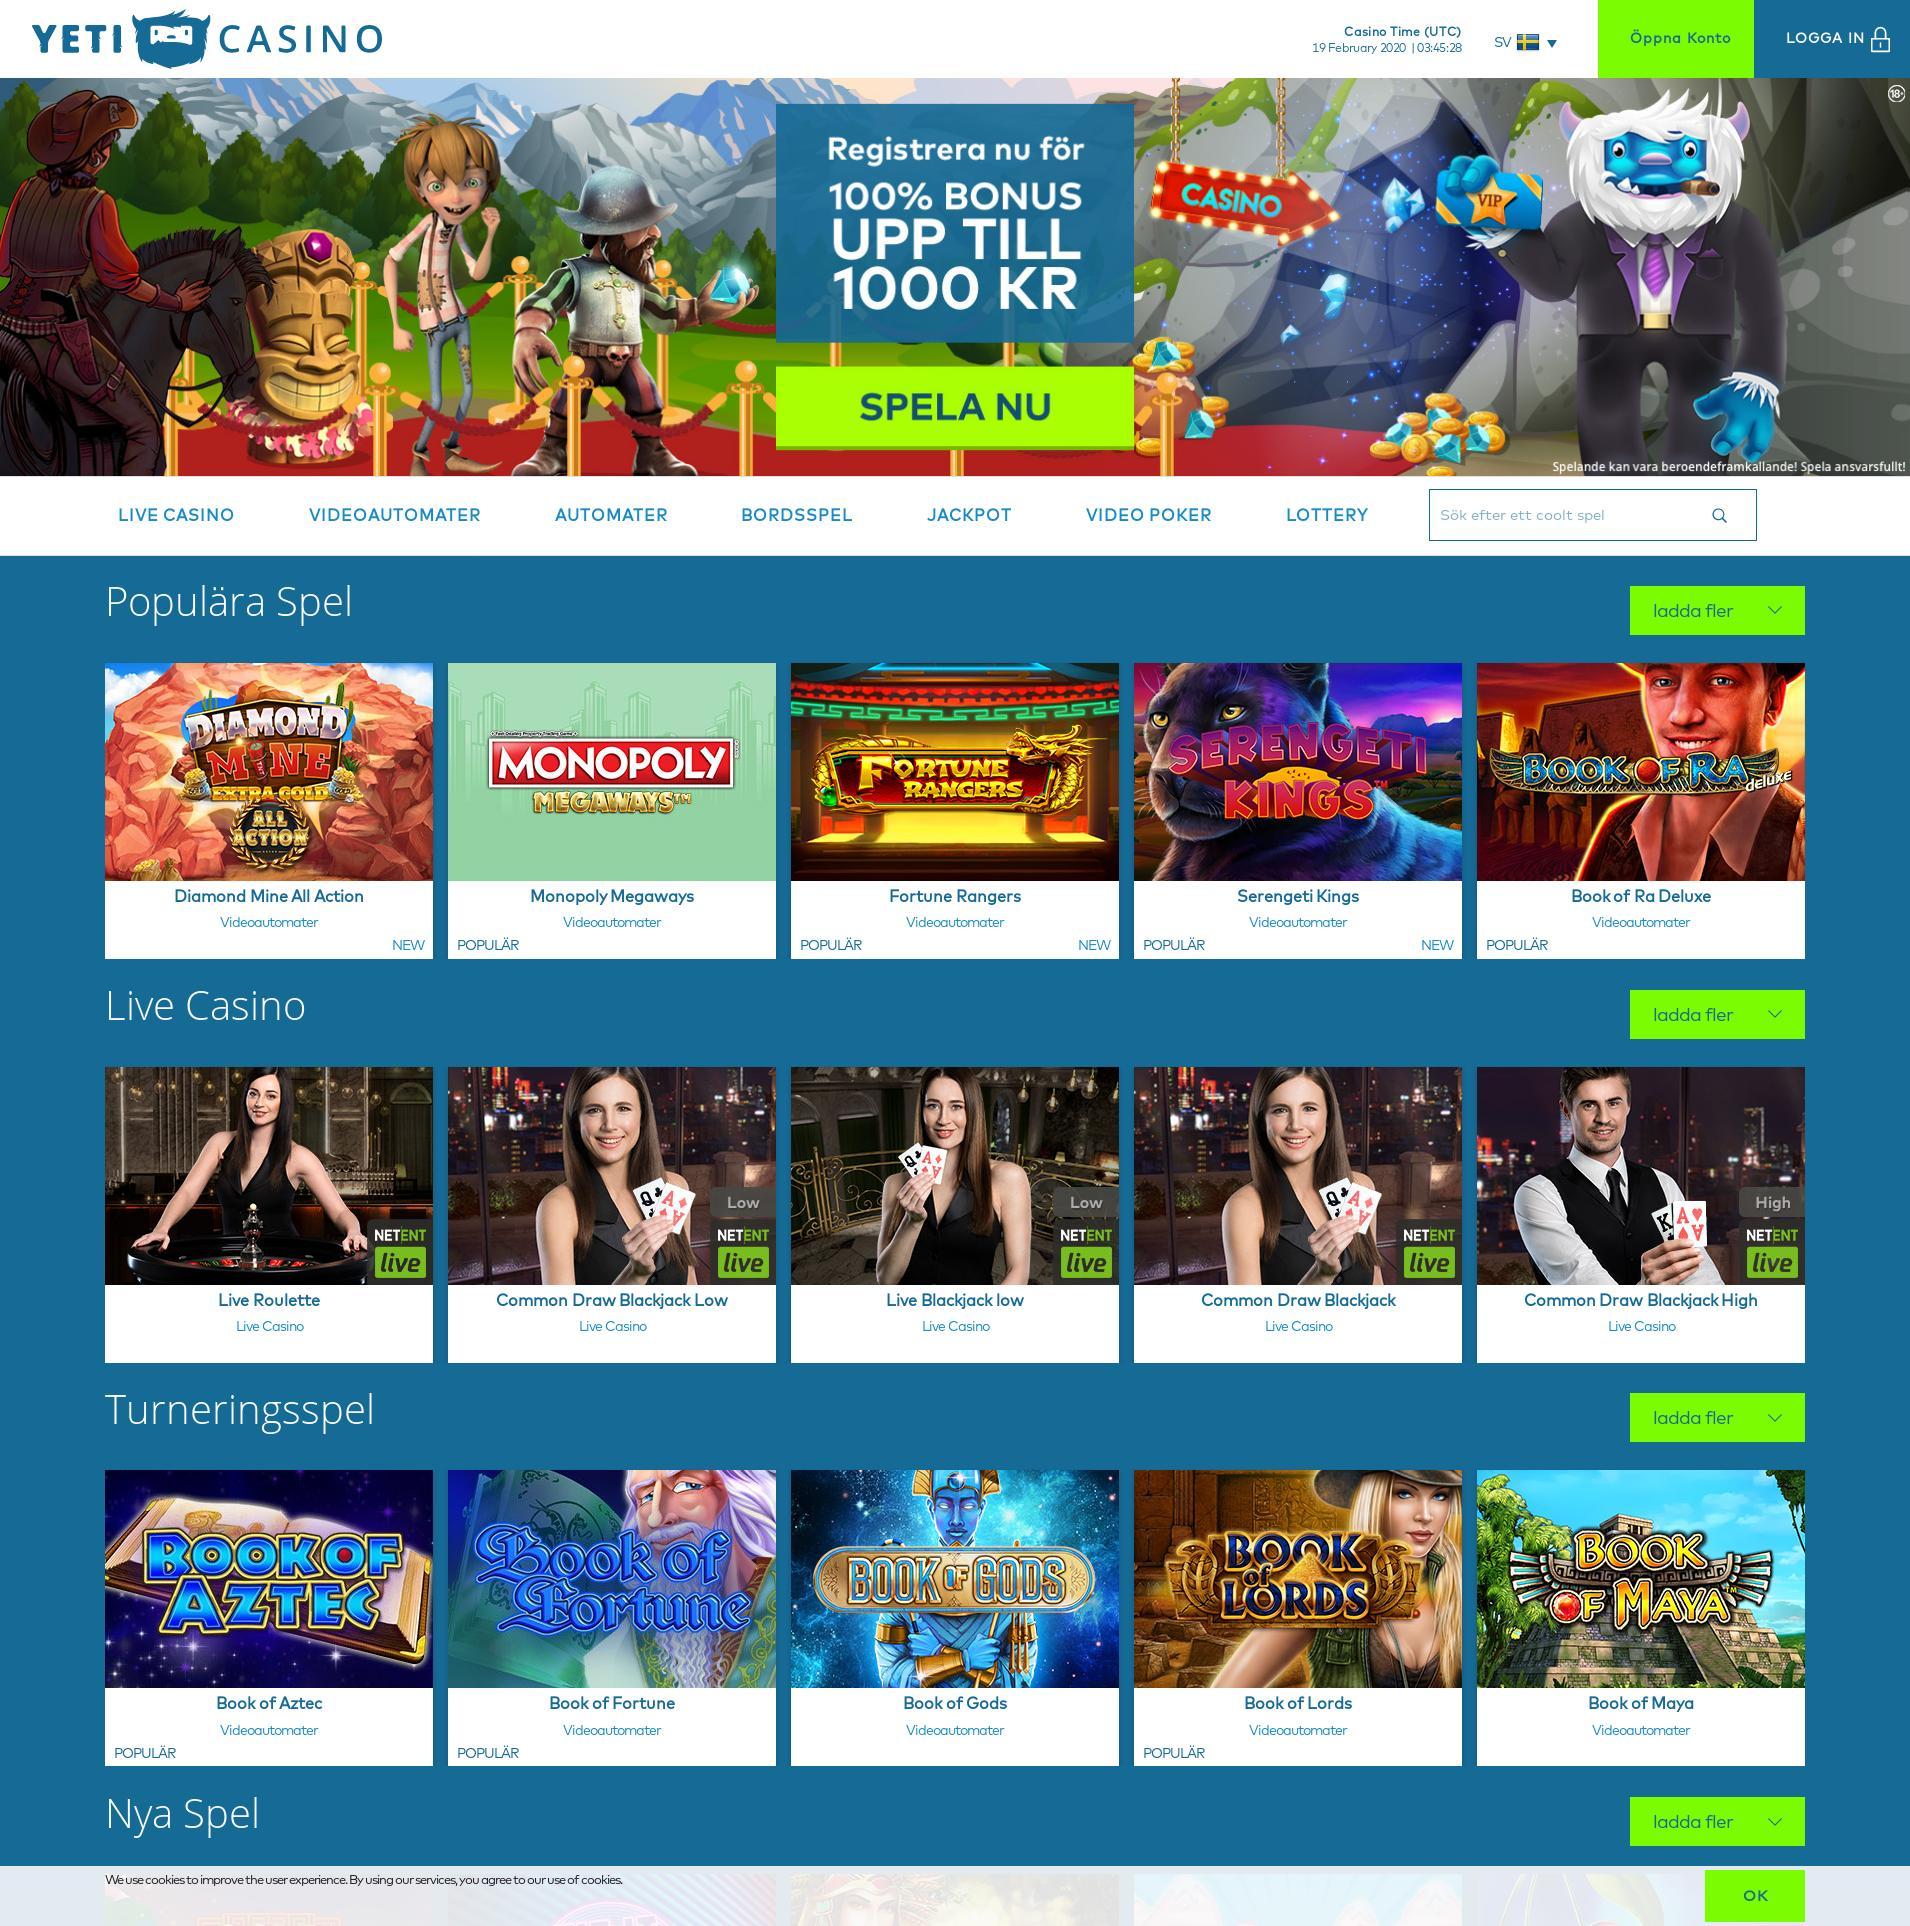 Casino screen Lobby 2020-02-19 for Sweden